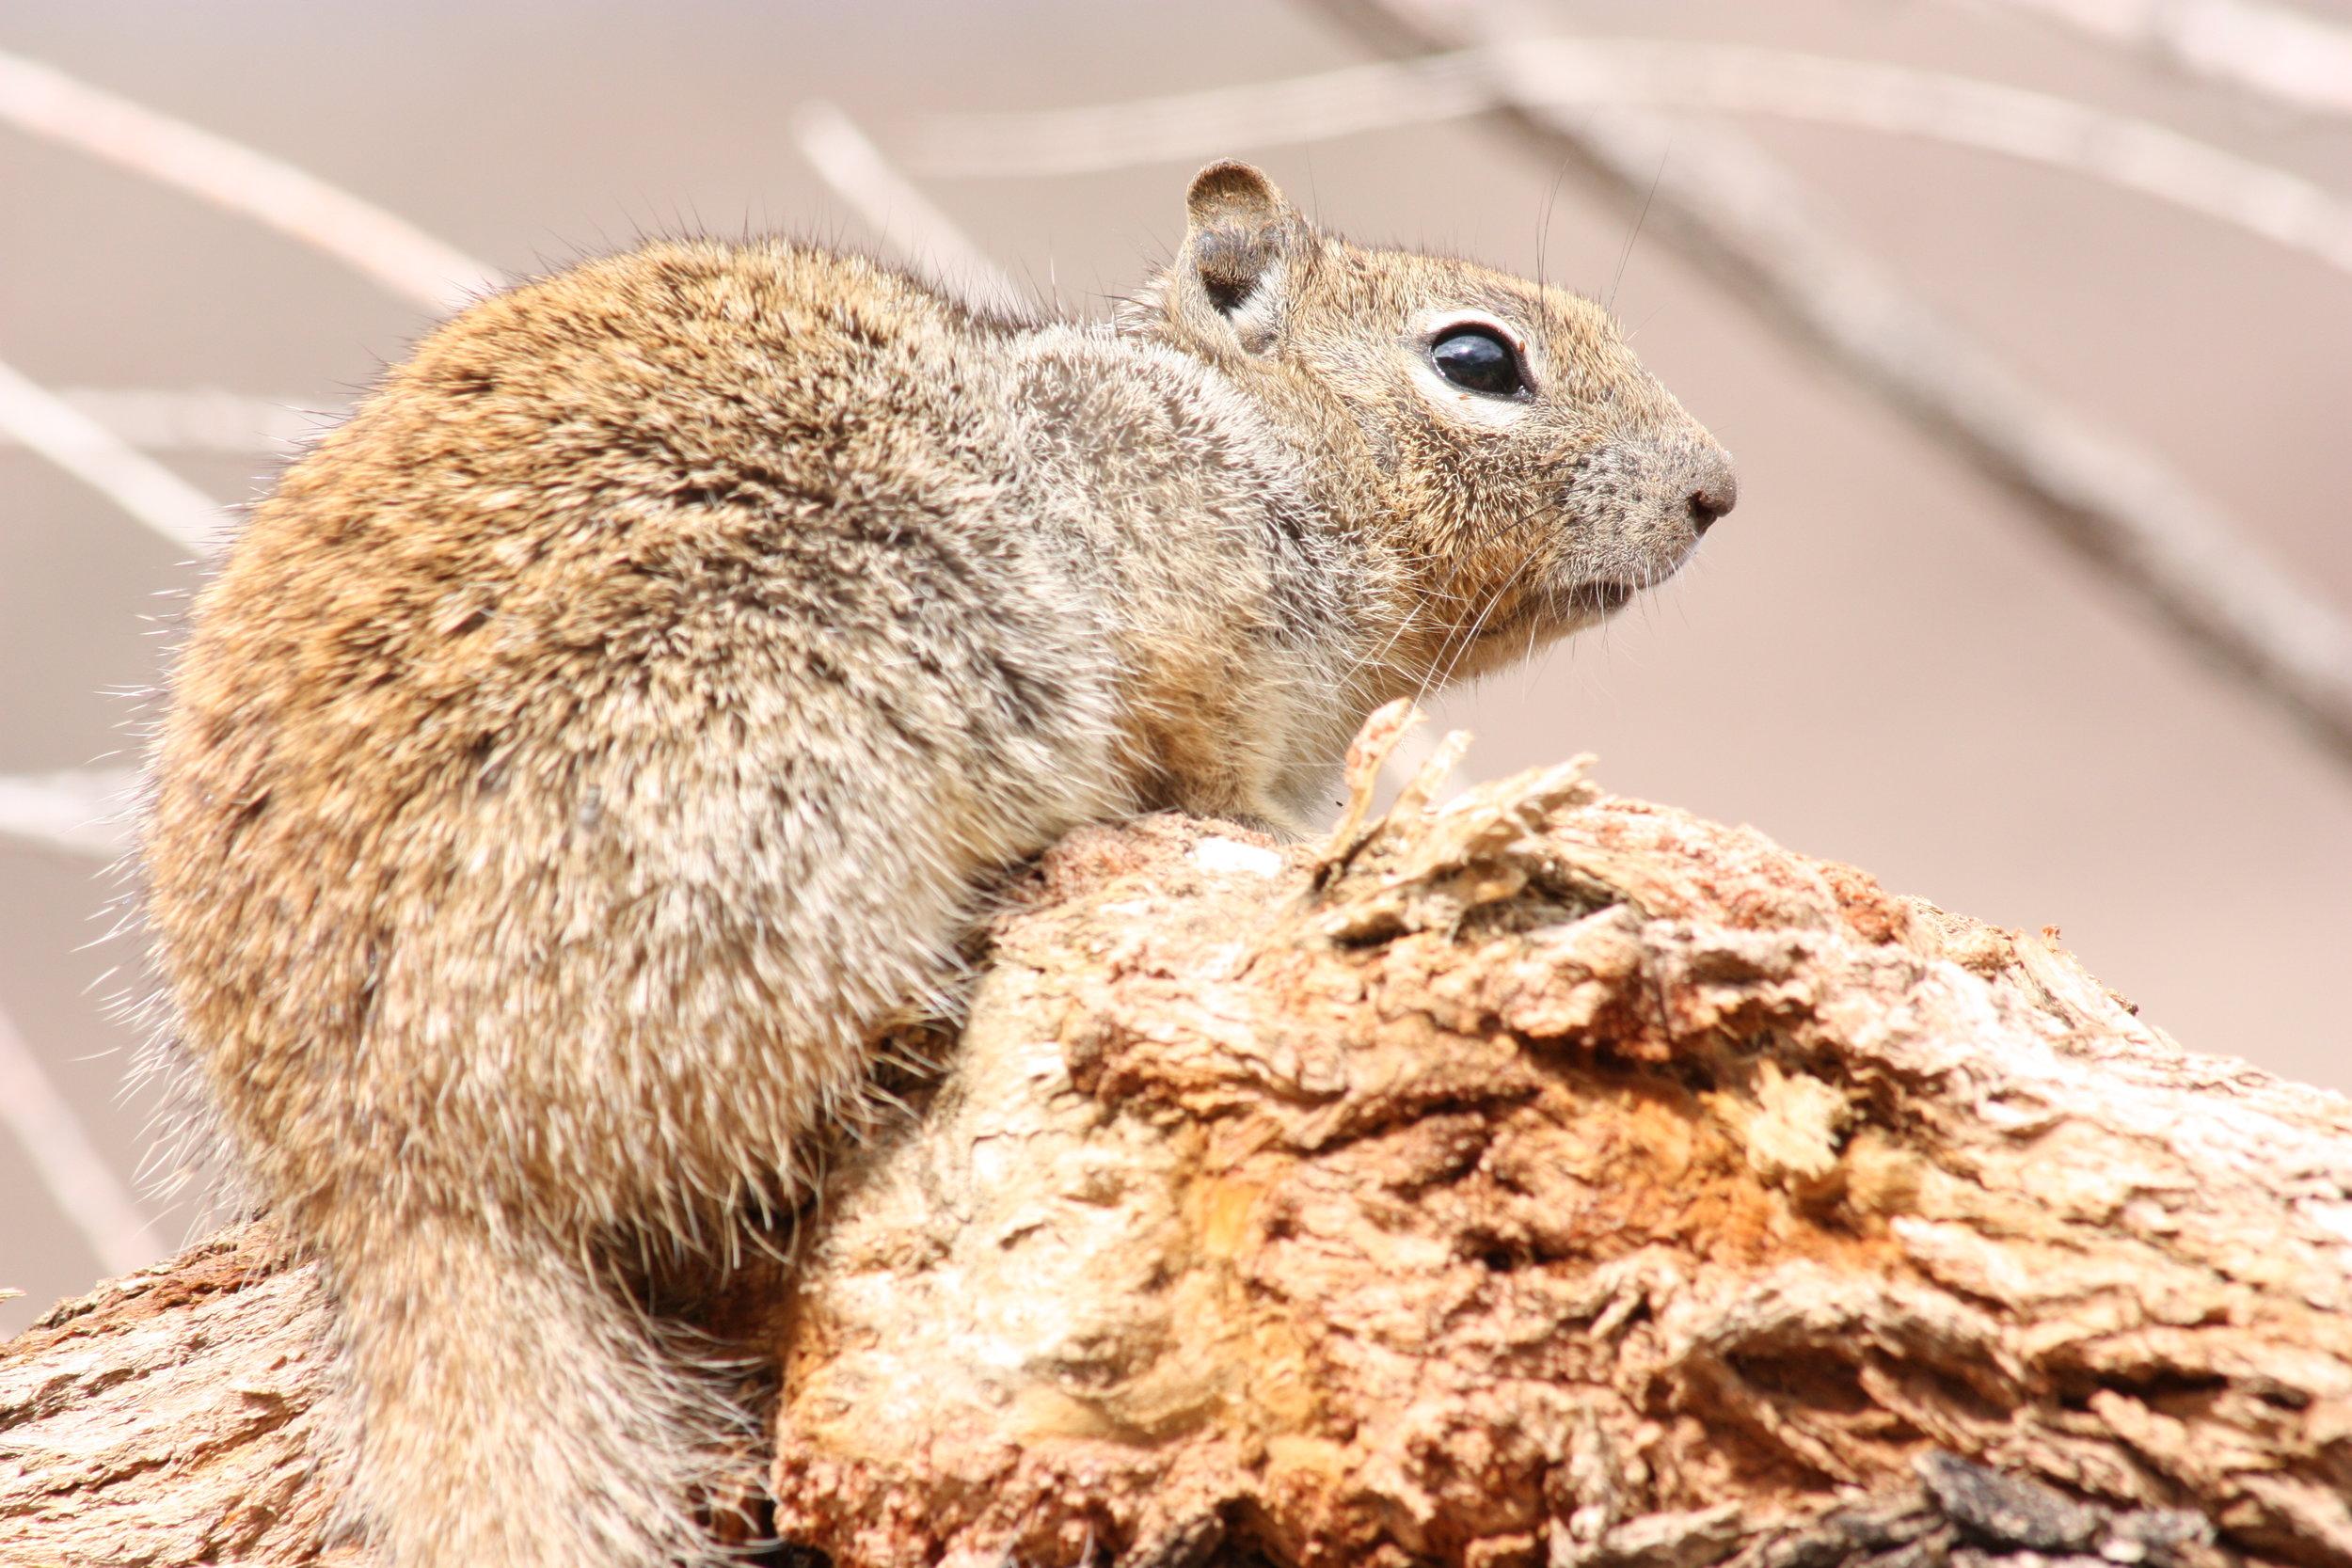 rock-squirrel-otospermophilus-variegatus_25453880044_o.jpg